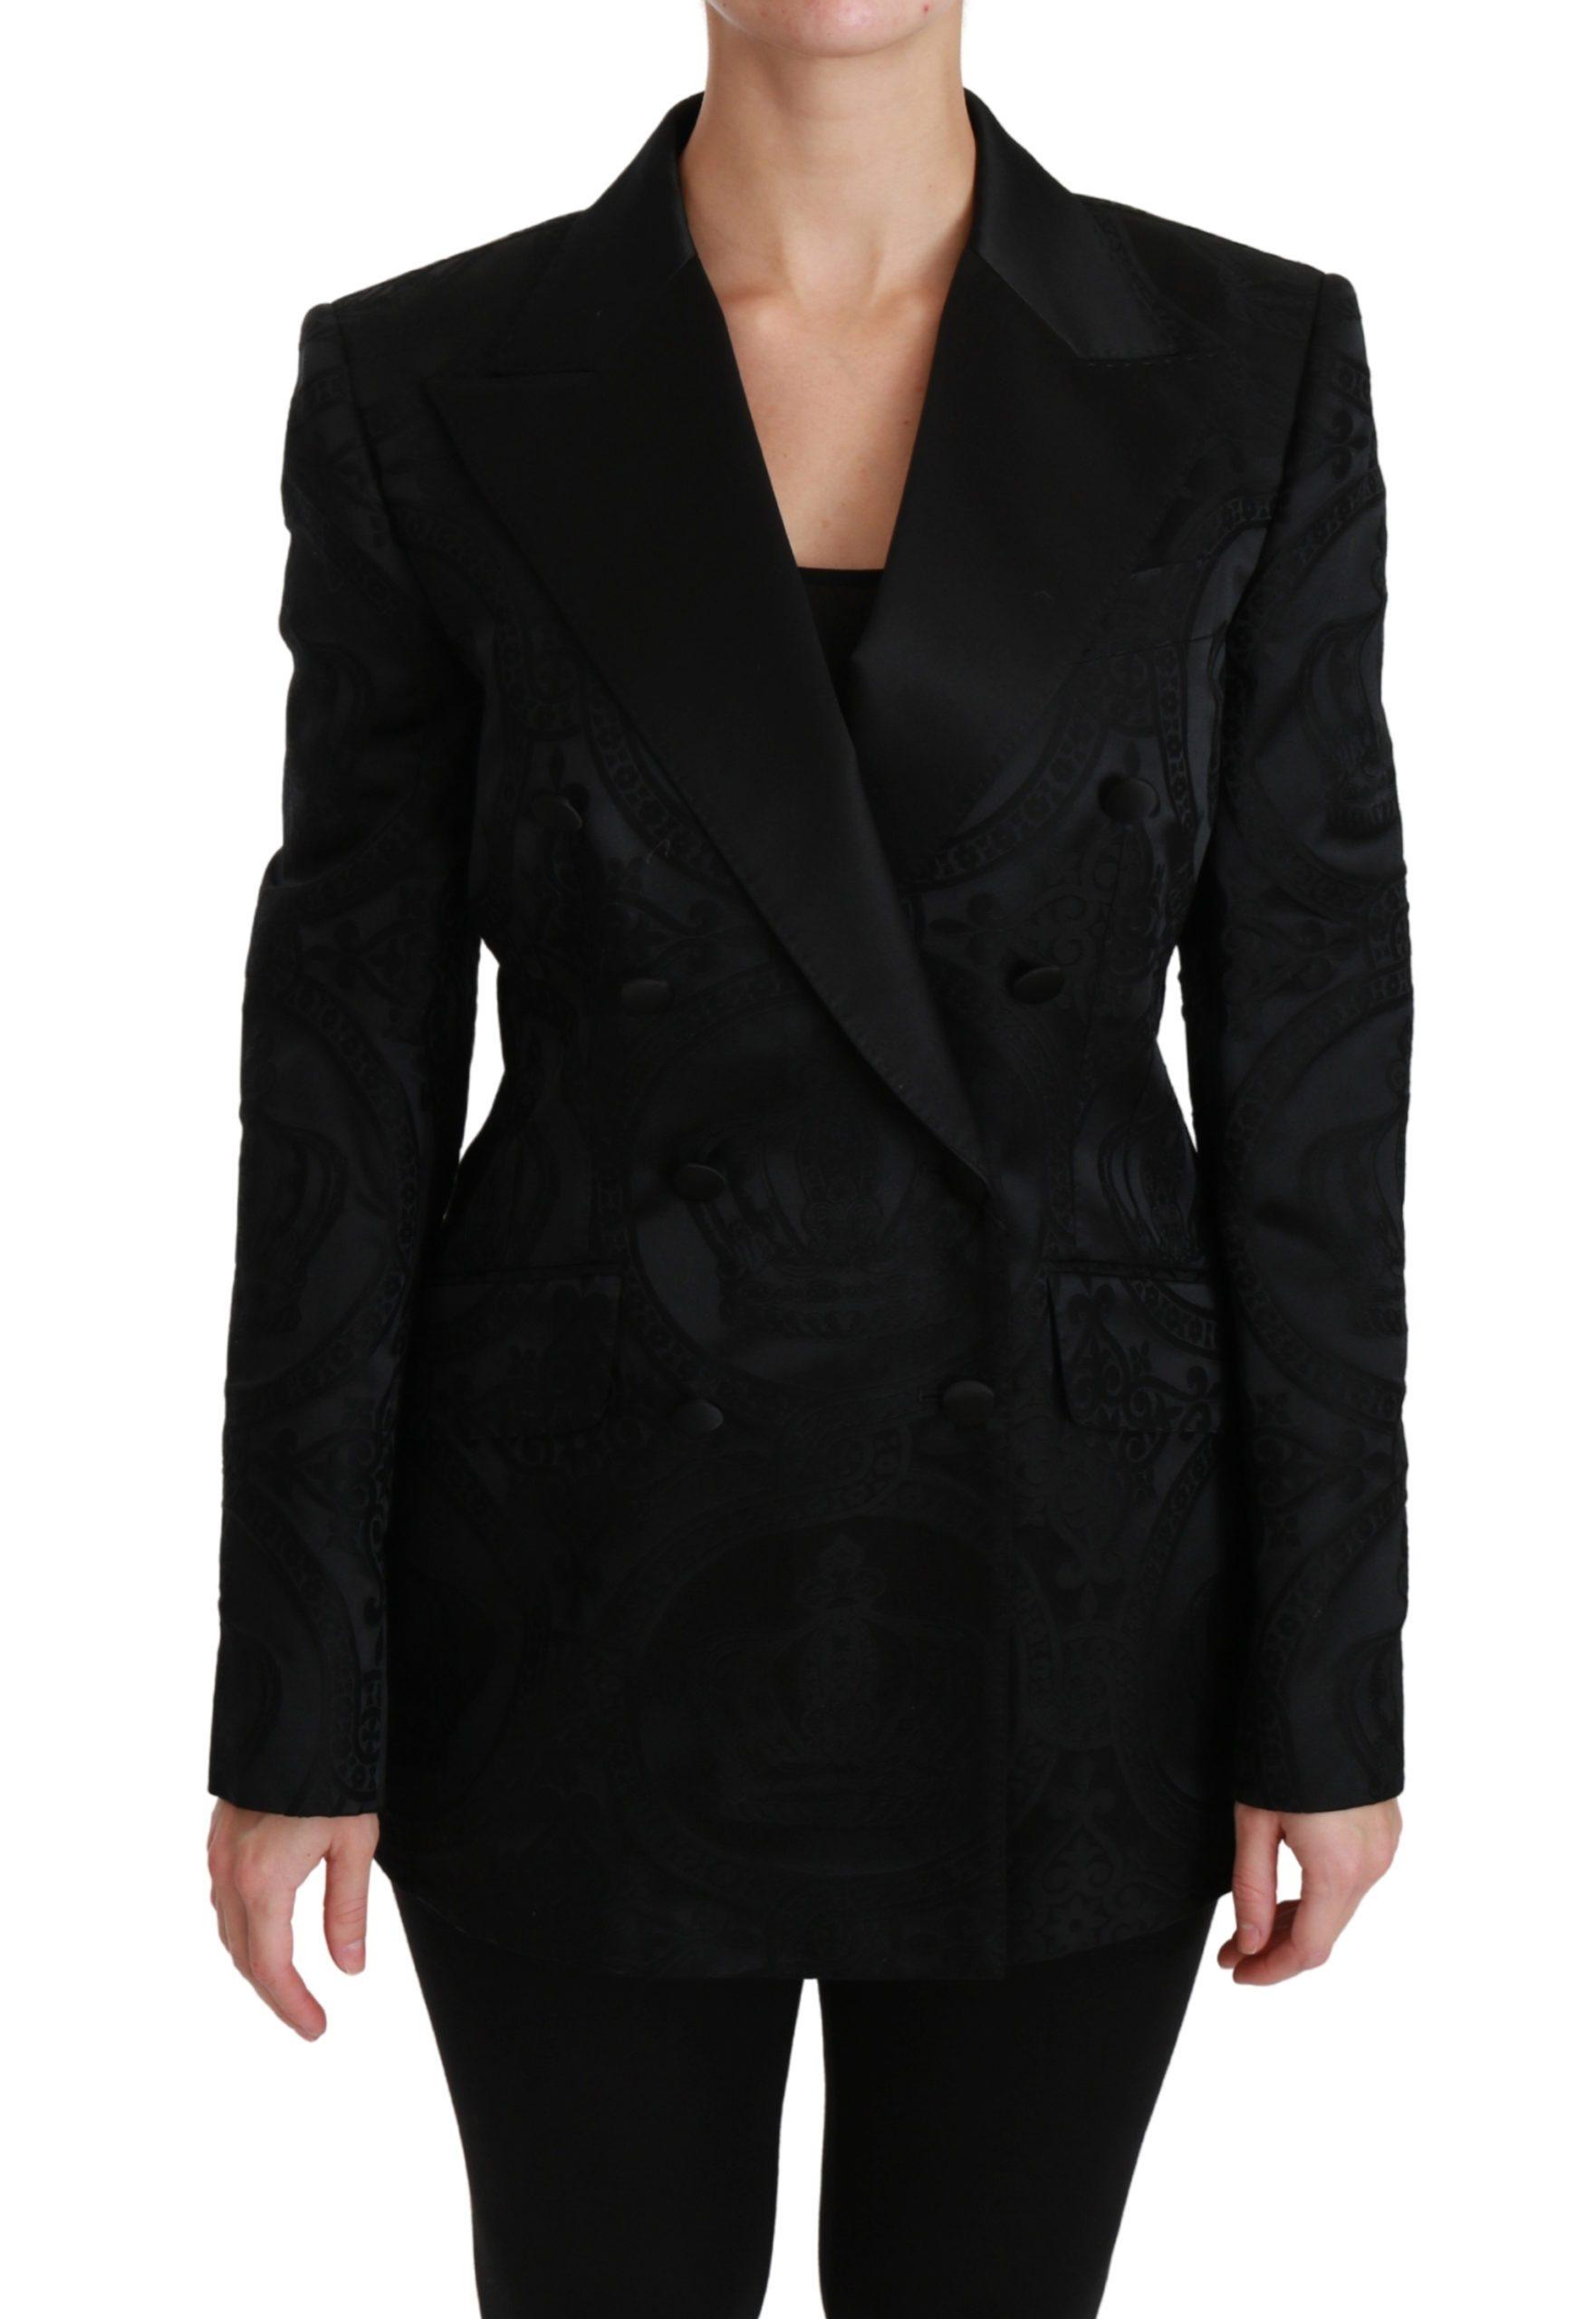 Dolce & Gabbana Women's Crown Double Breasted Blazer Black JKT2535 - IT44|L